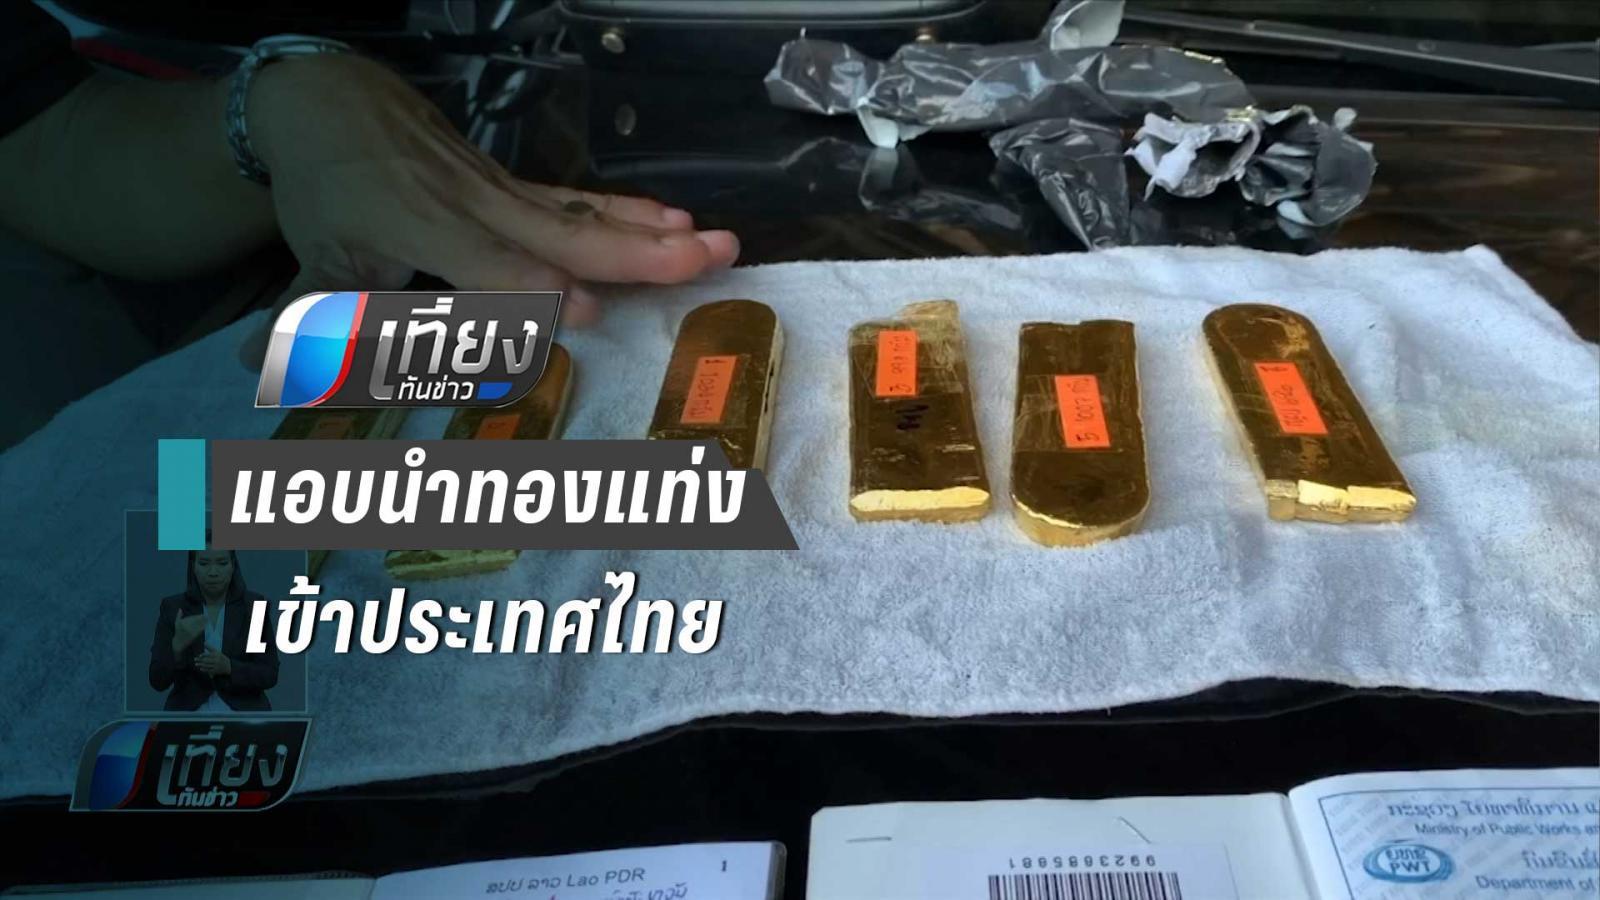 รวบสาวลาวแอบนำทองแท่งหนัก 6 กิโลฯเข้าประเทศ